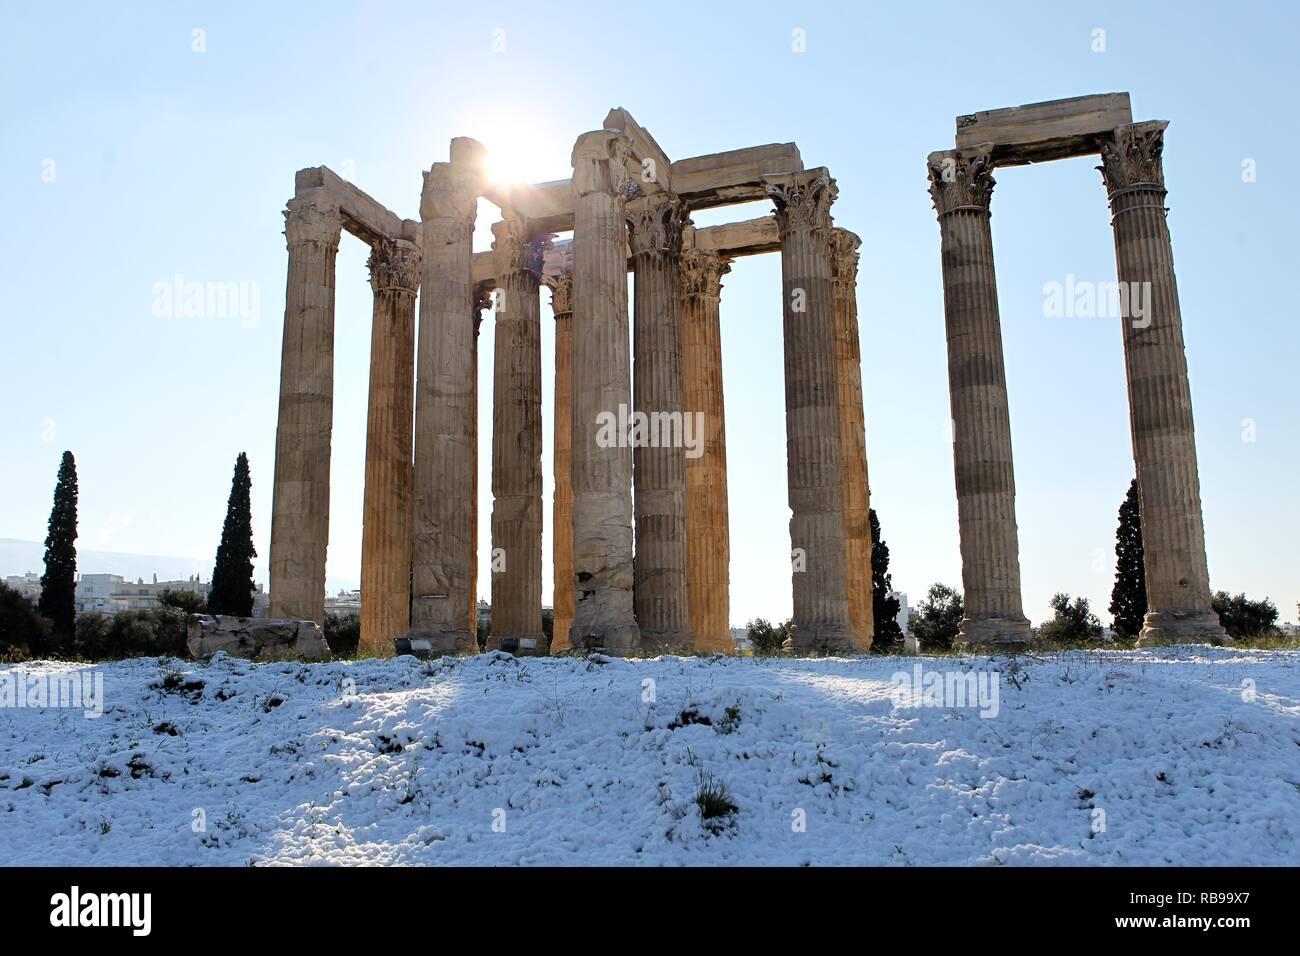 Atene, Grecia. Gen 8, 2019. L'antico Tempio di Zeus Olimpio, dopo una nevicata in Atene, martedì. (Credito Immagine: © Aristidis VafeiadakisZUMA filo) Credito: ZUMA Press, Inc./Alamy Live News Immagini Stock